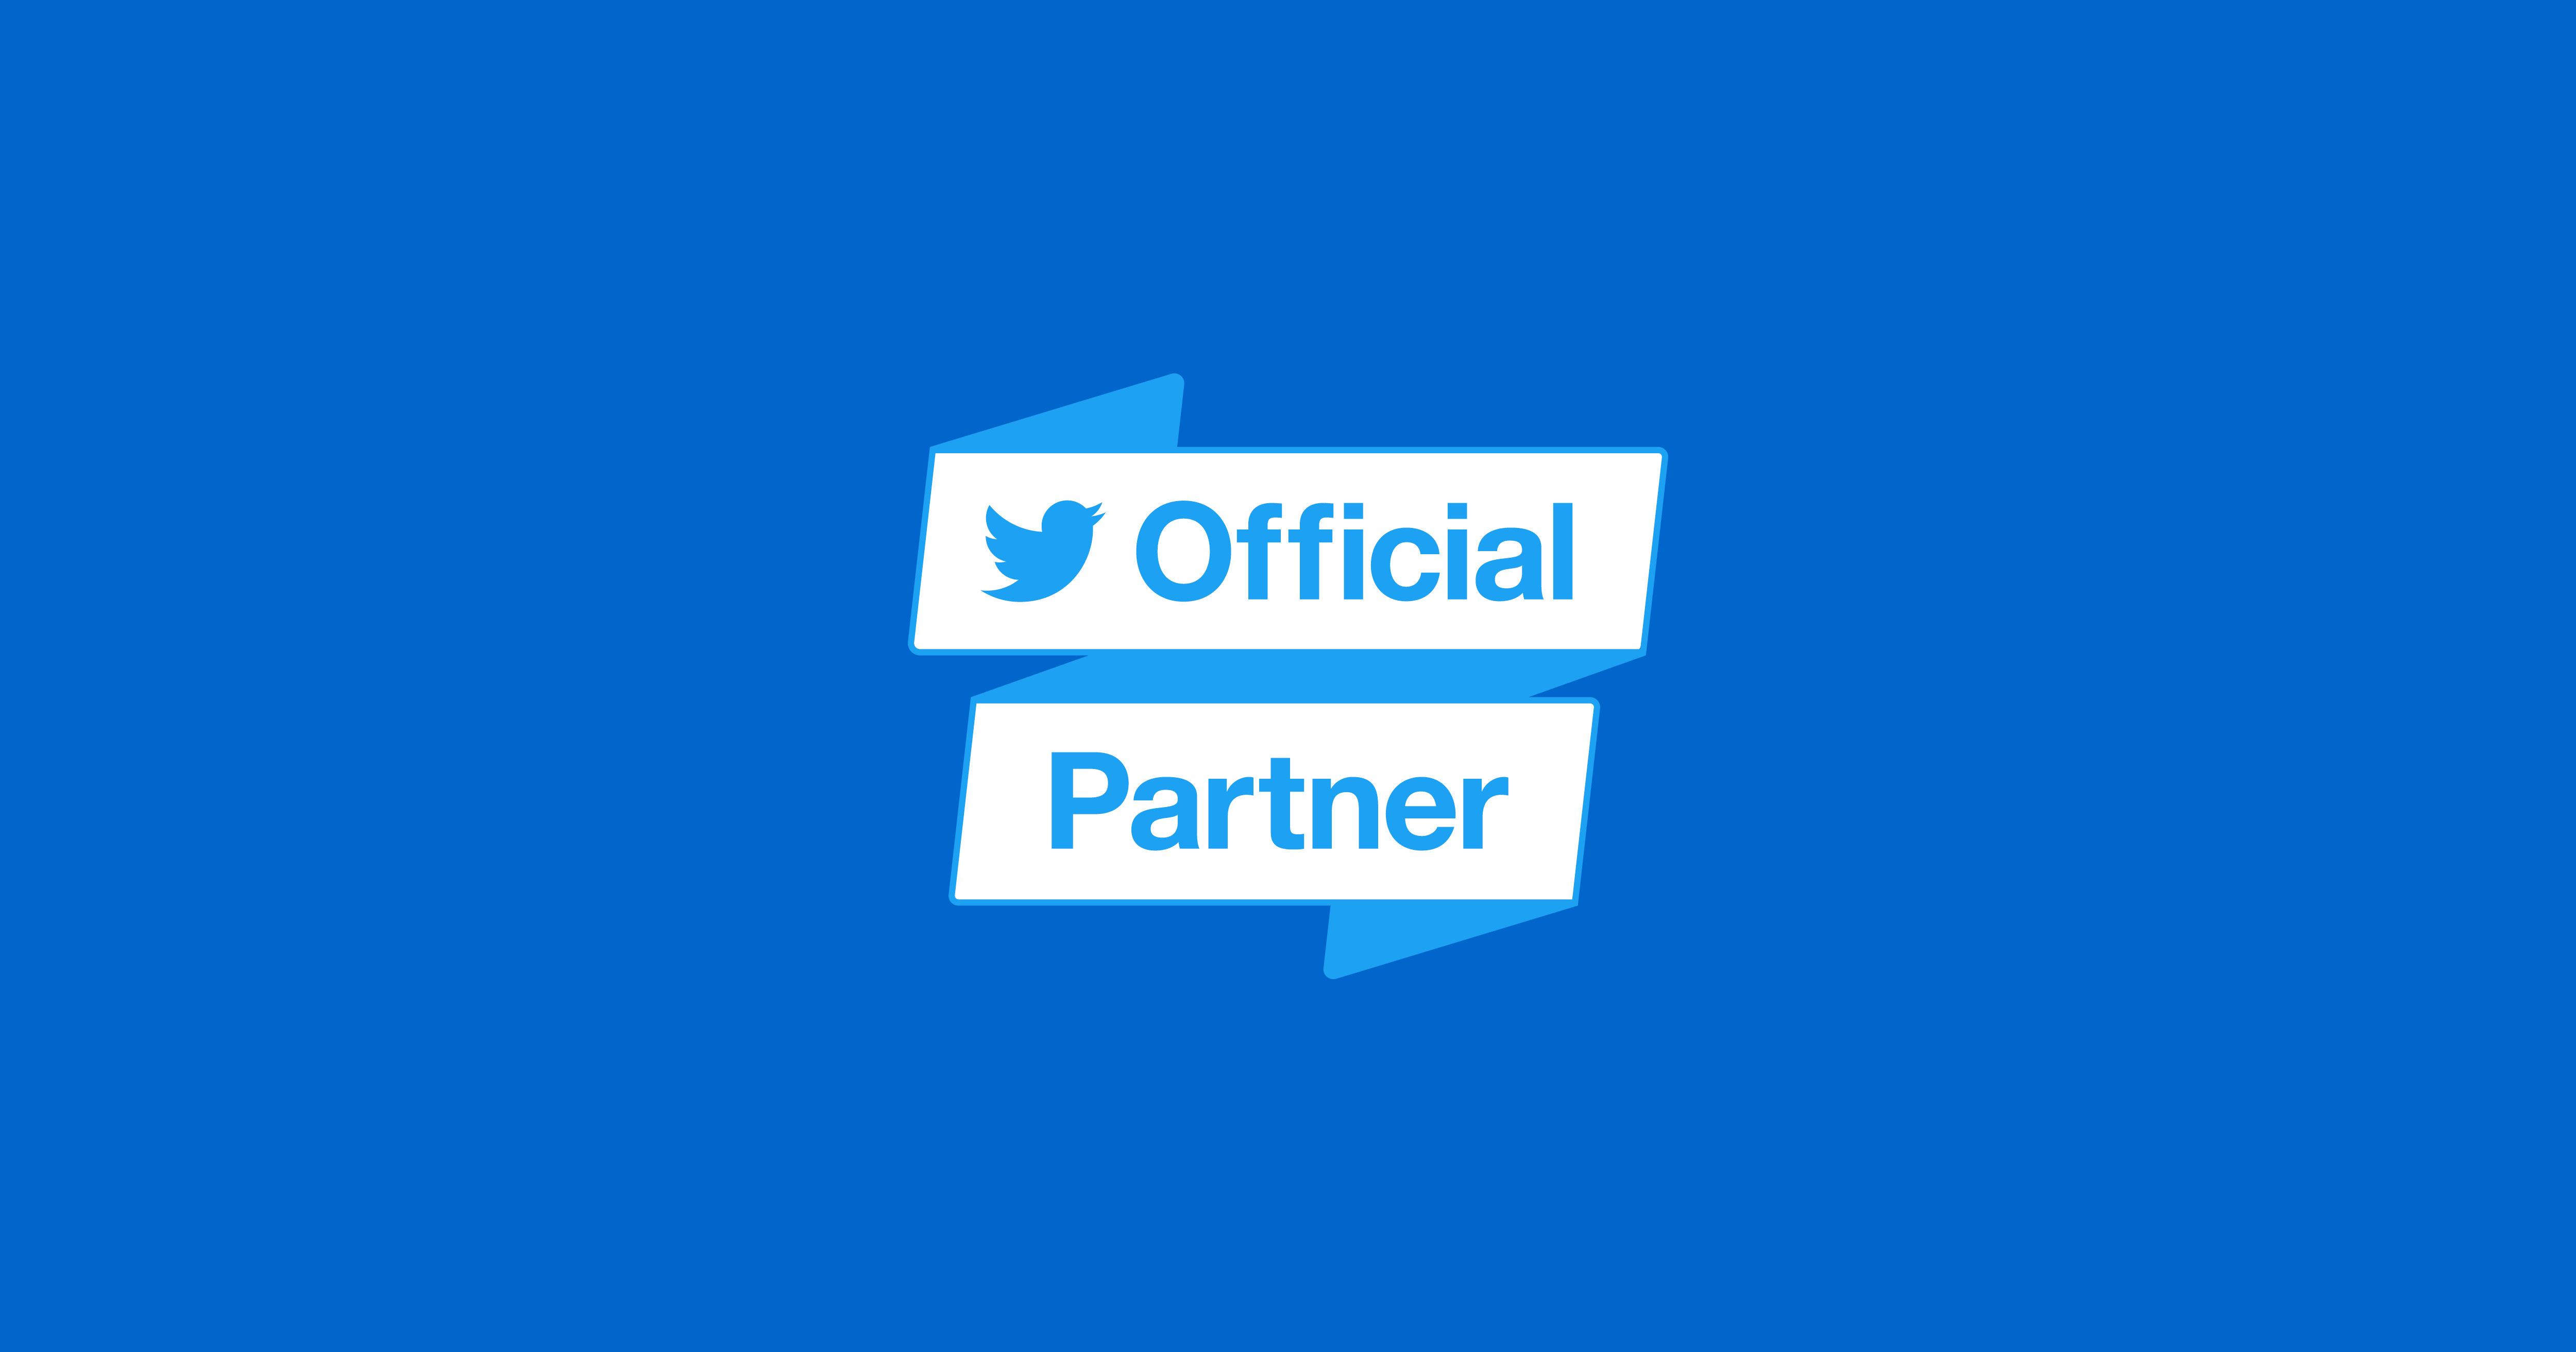 Twitter + Shuttlerock: an Official Creative Partnership to Tweet about